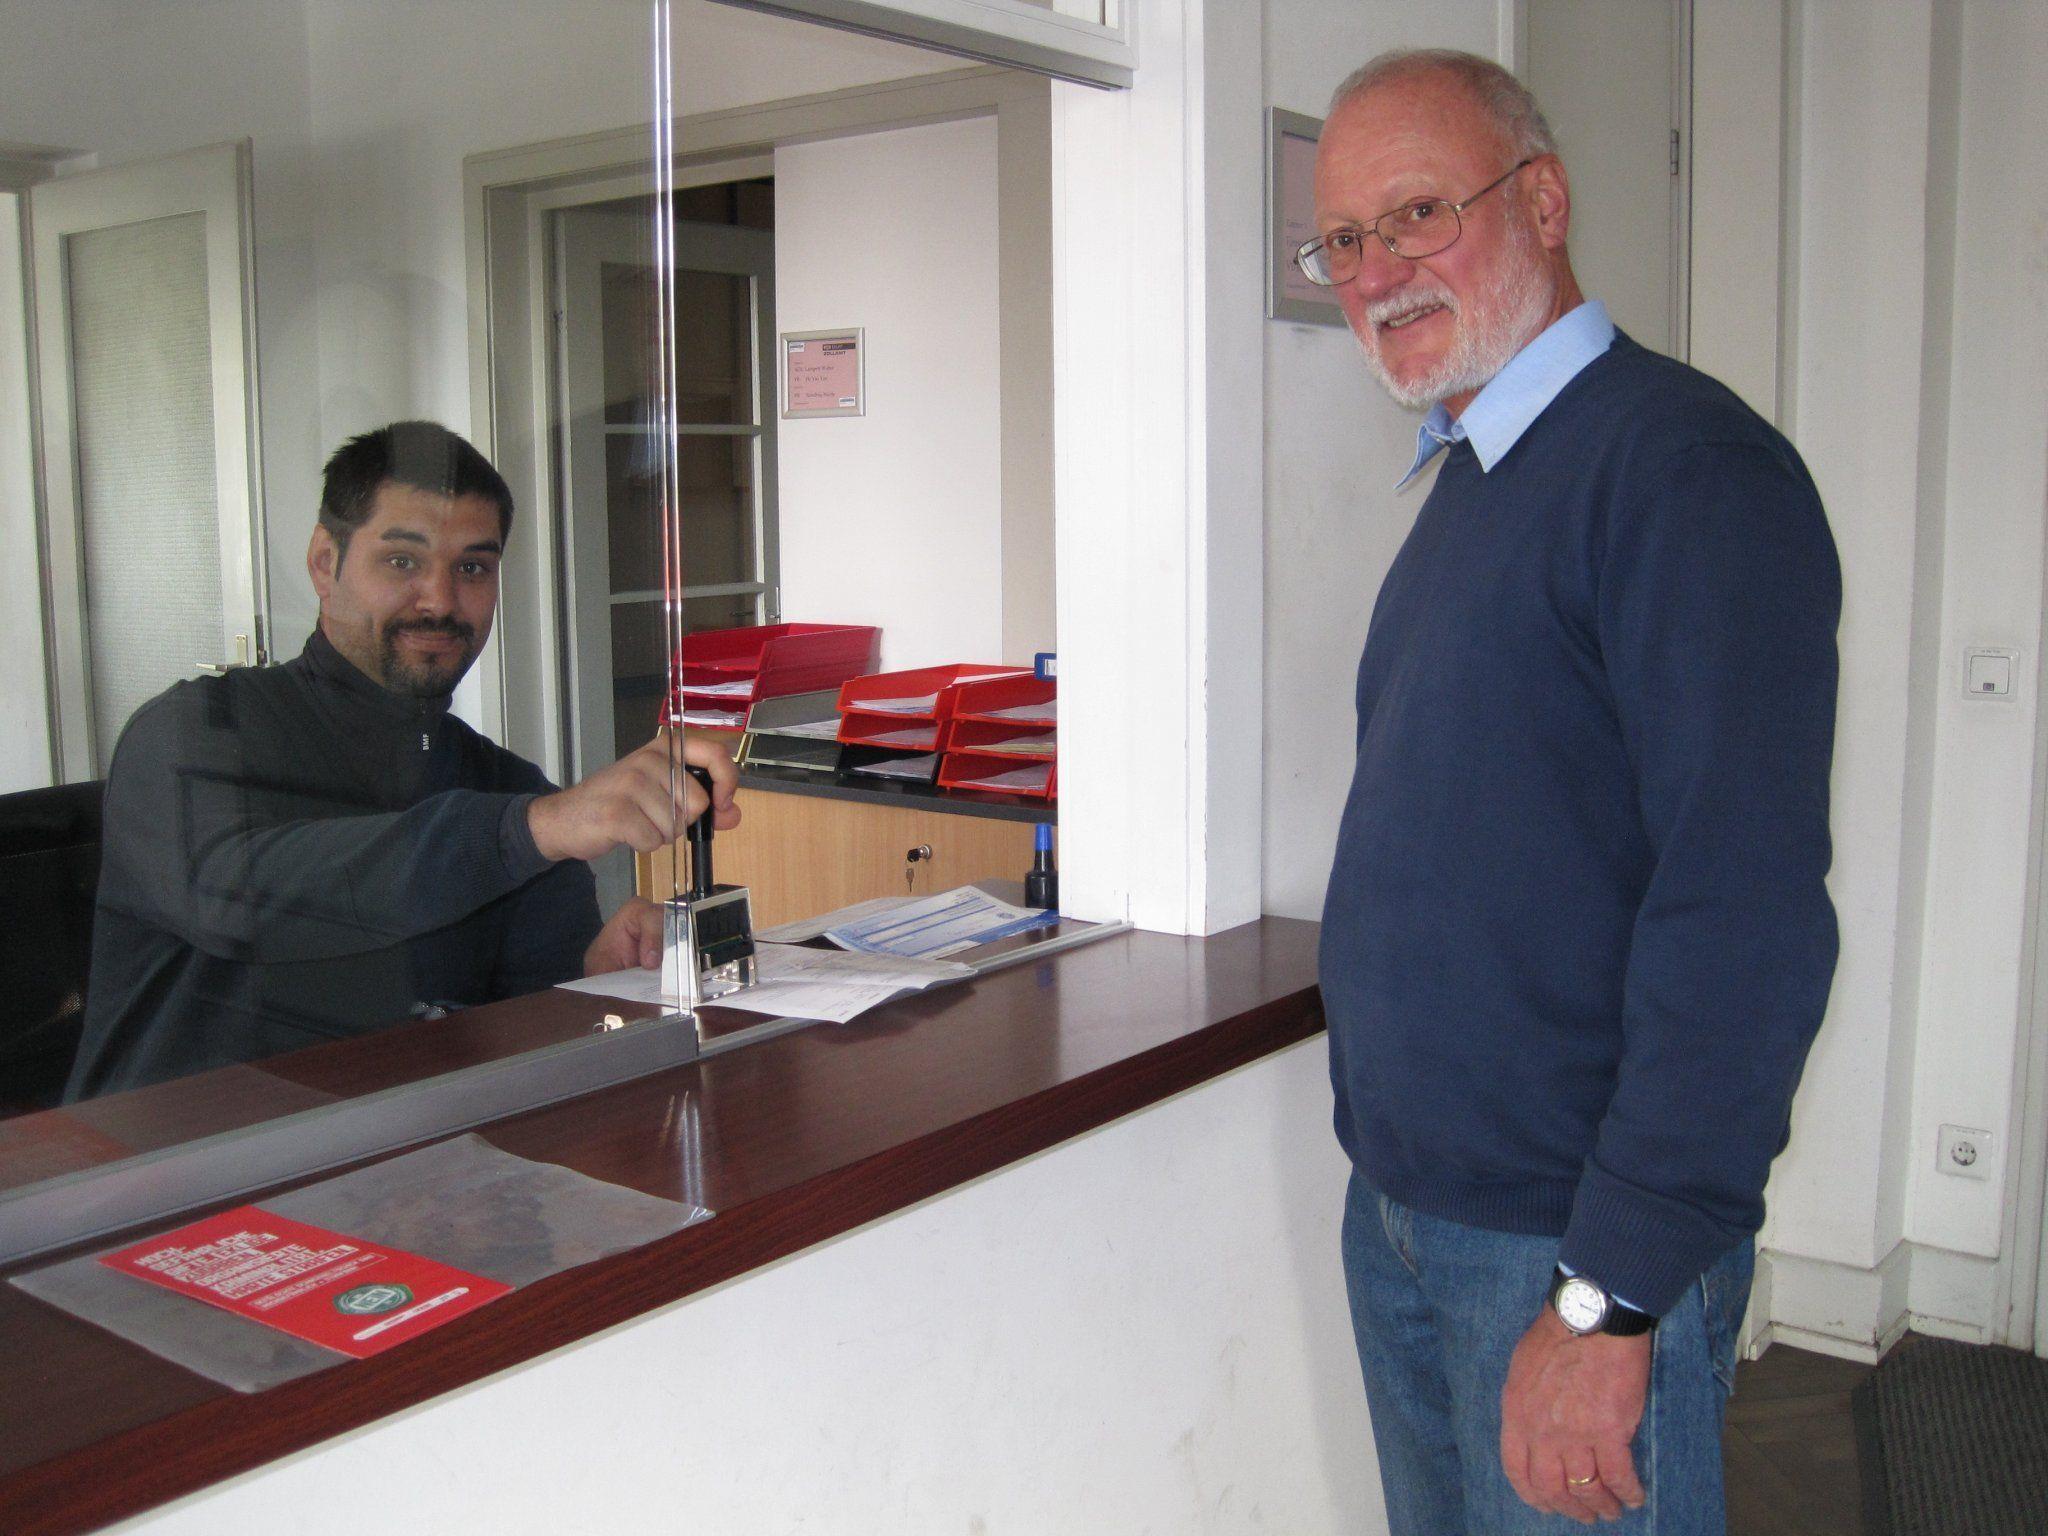 Michael Mark (links) stempelt täglich Ausfuhrscheine. Markus Schnetzer ist das Problem bekannt.